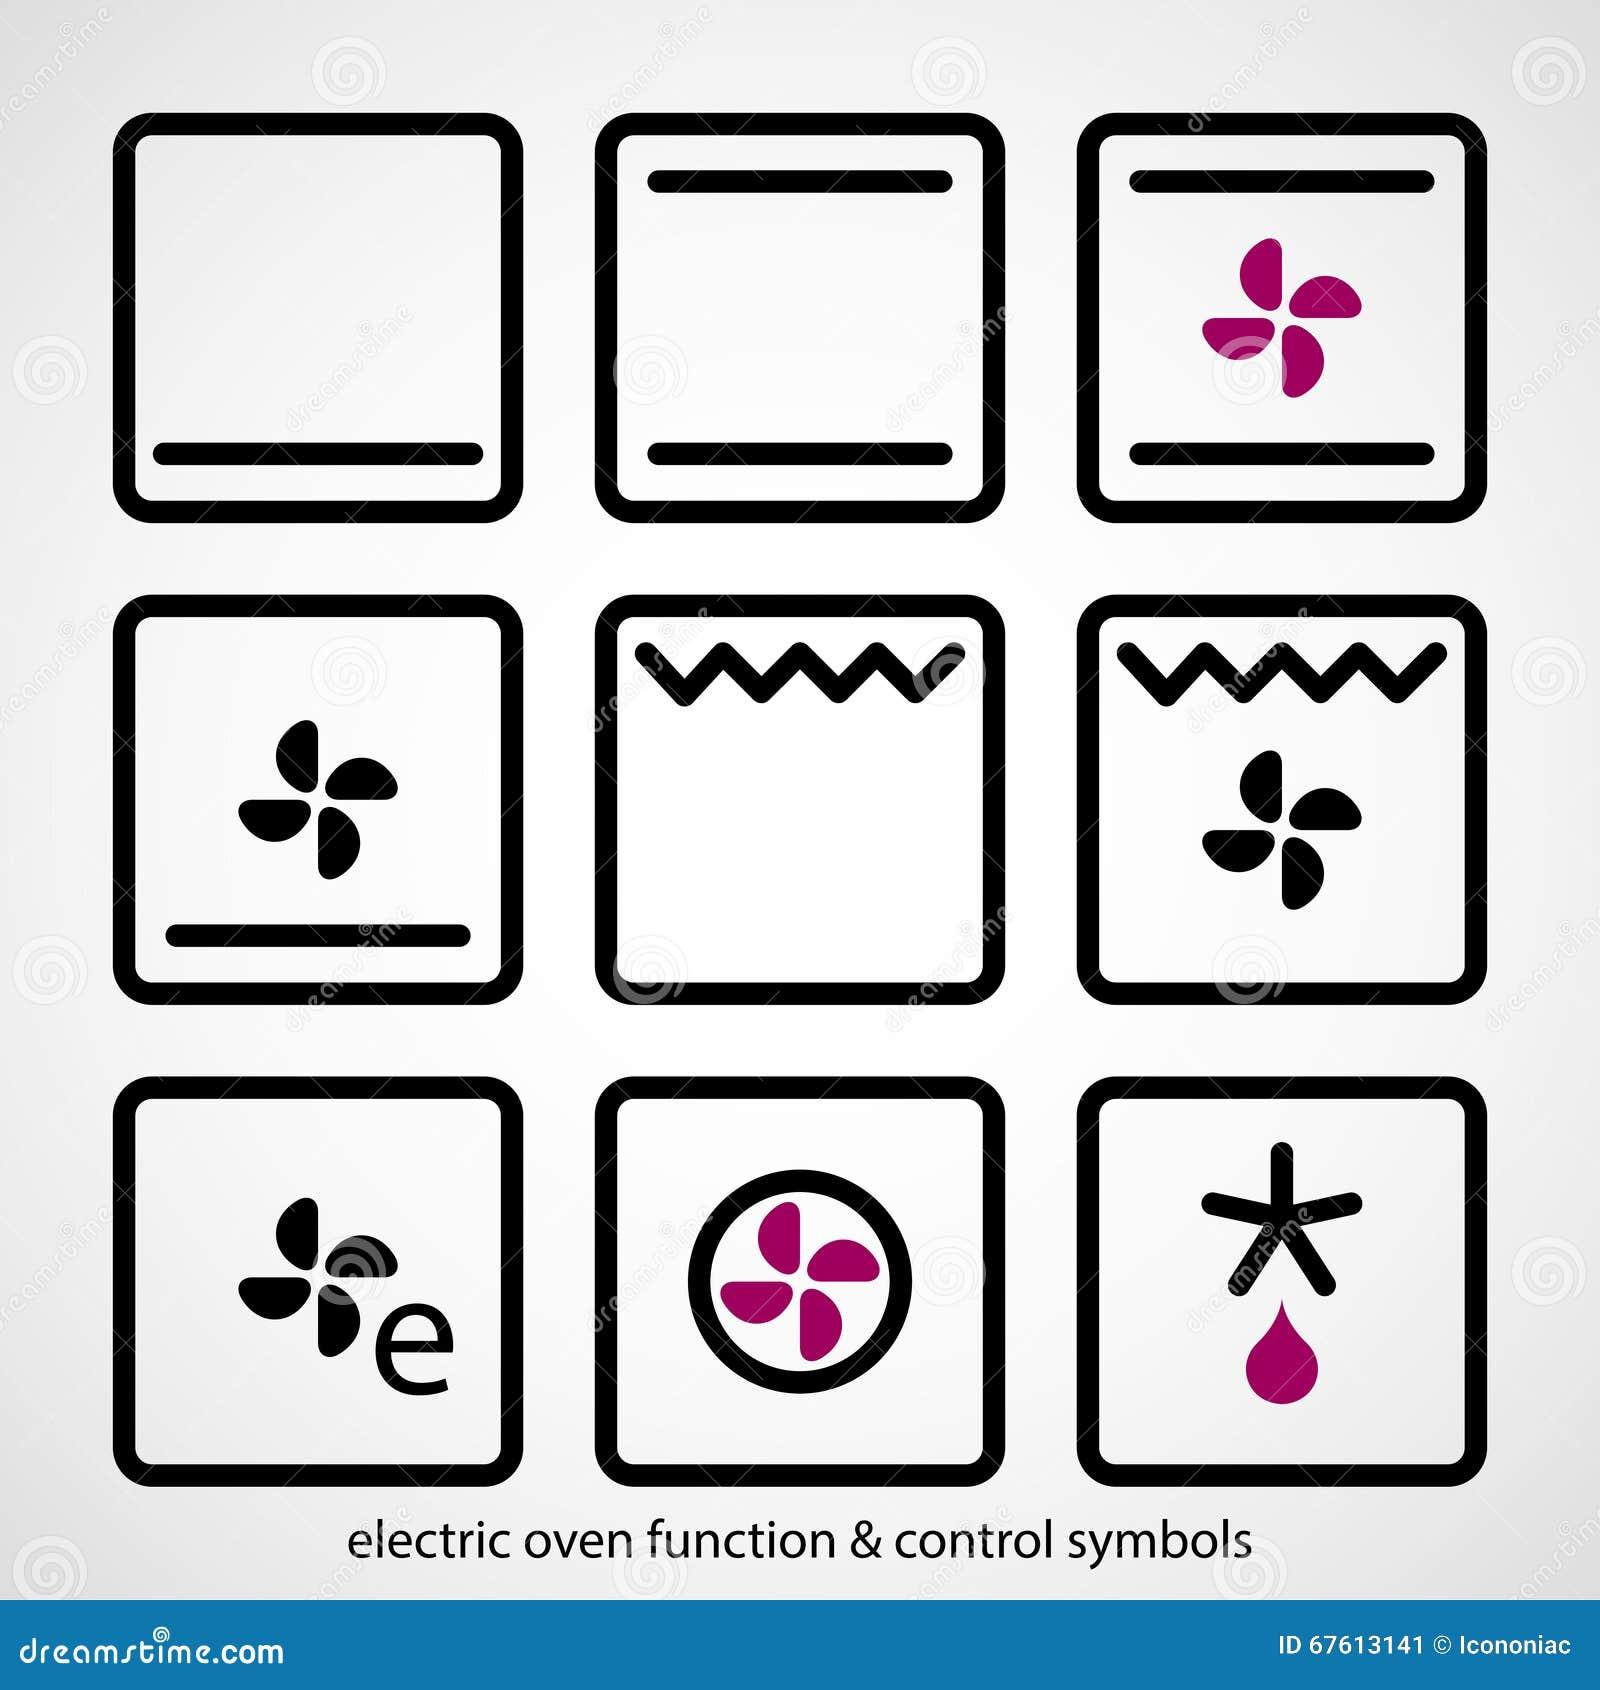 simboli elettrici di funzione  u0026 di controllo del forno